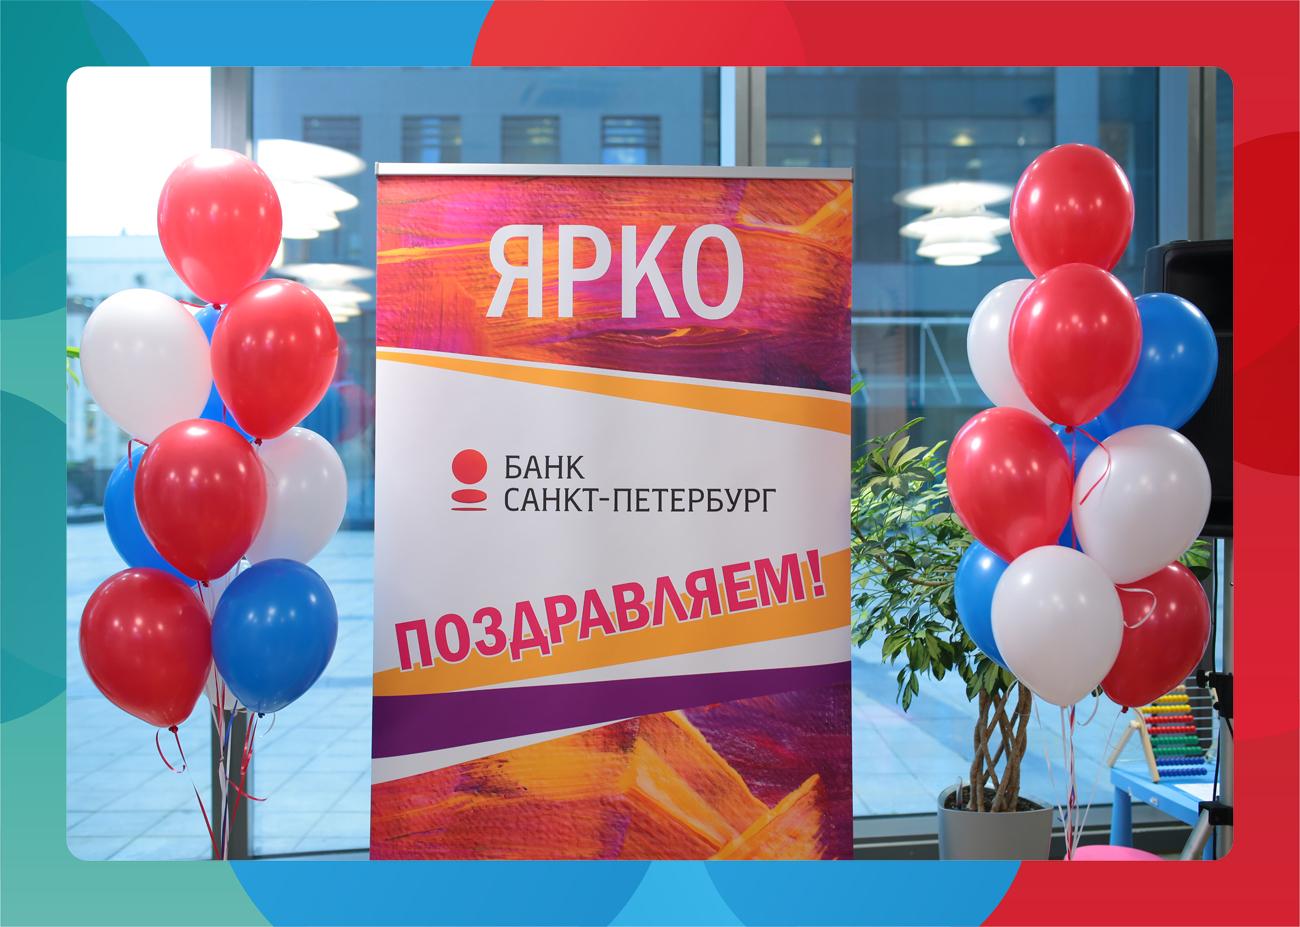 Кредитная карта Банка Санкт-Петербург - оформить онлайн заявку, отзывы, условия